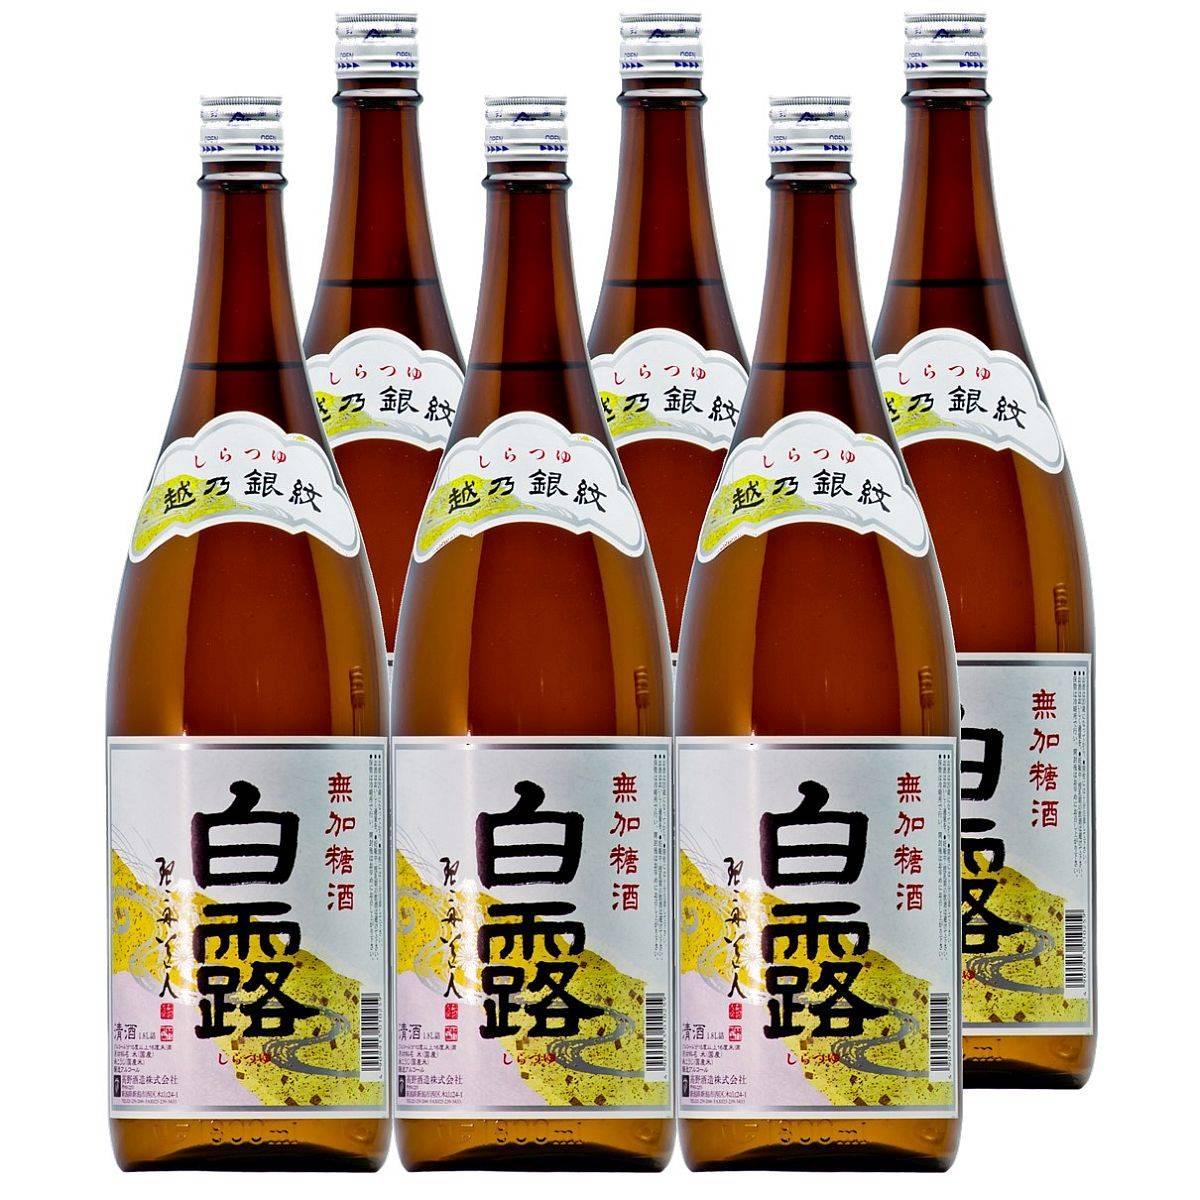 越乃銀紋 白露 普通酒 1800ml×6本 (1ケース) 日本酒 新潟 高野酒造